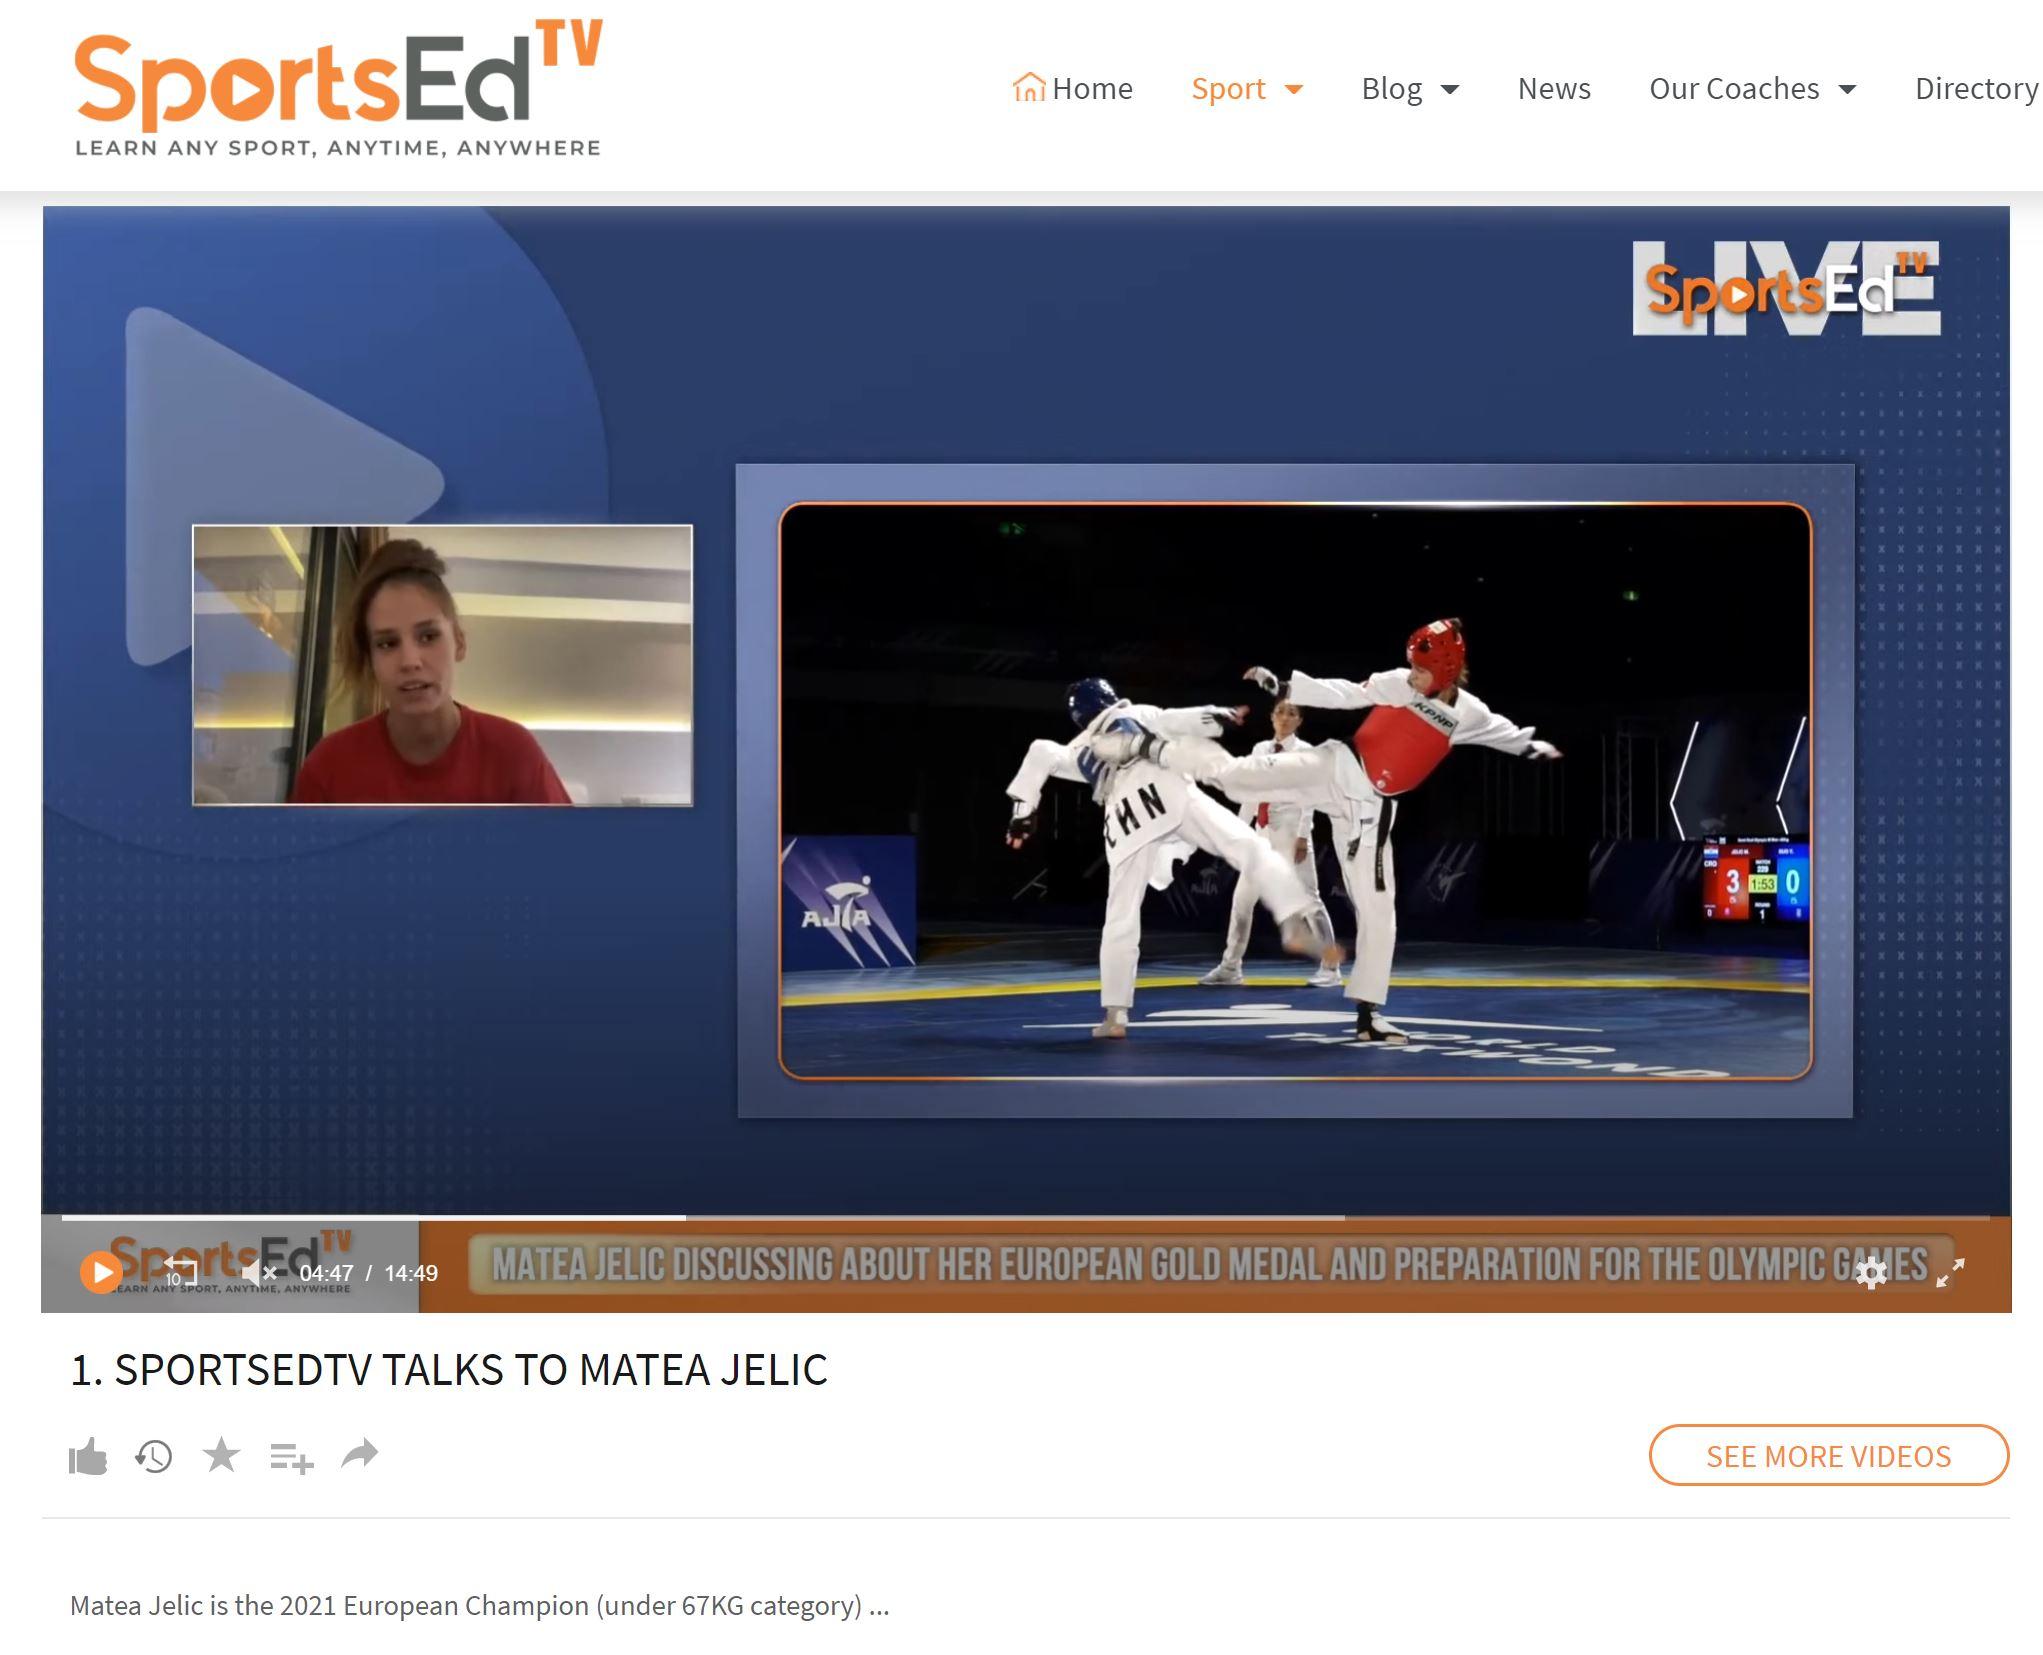 SPORTSEDTV TALKS TO MATEA JELIC